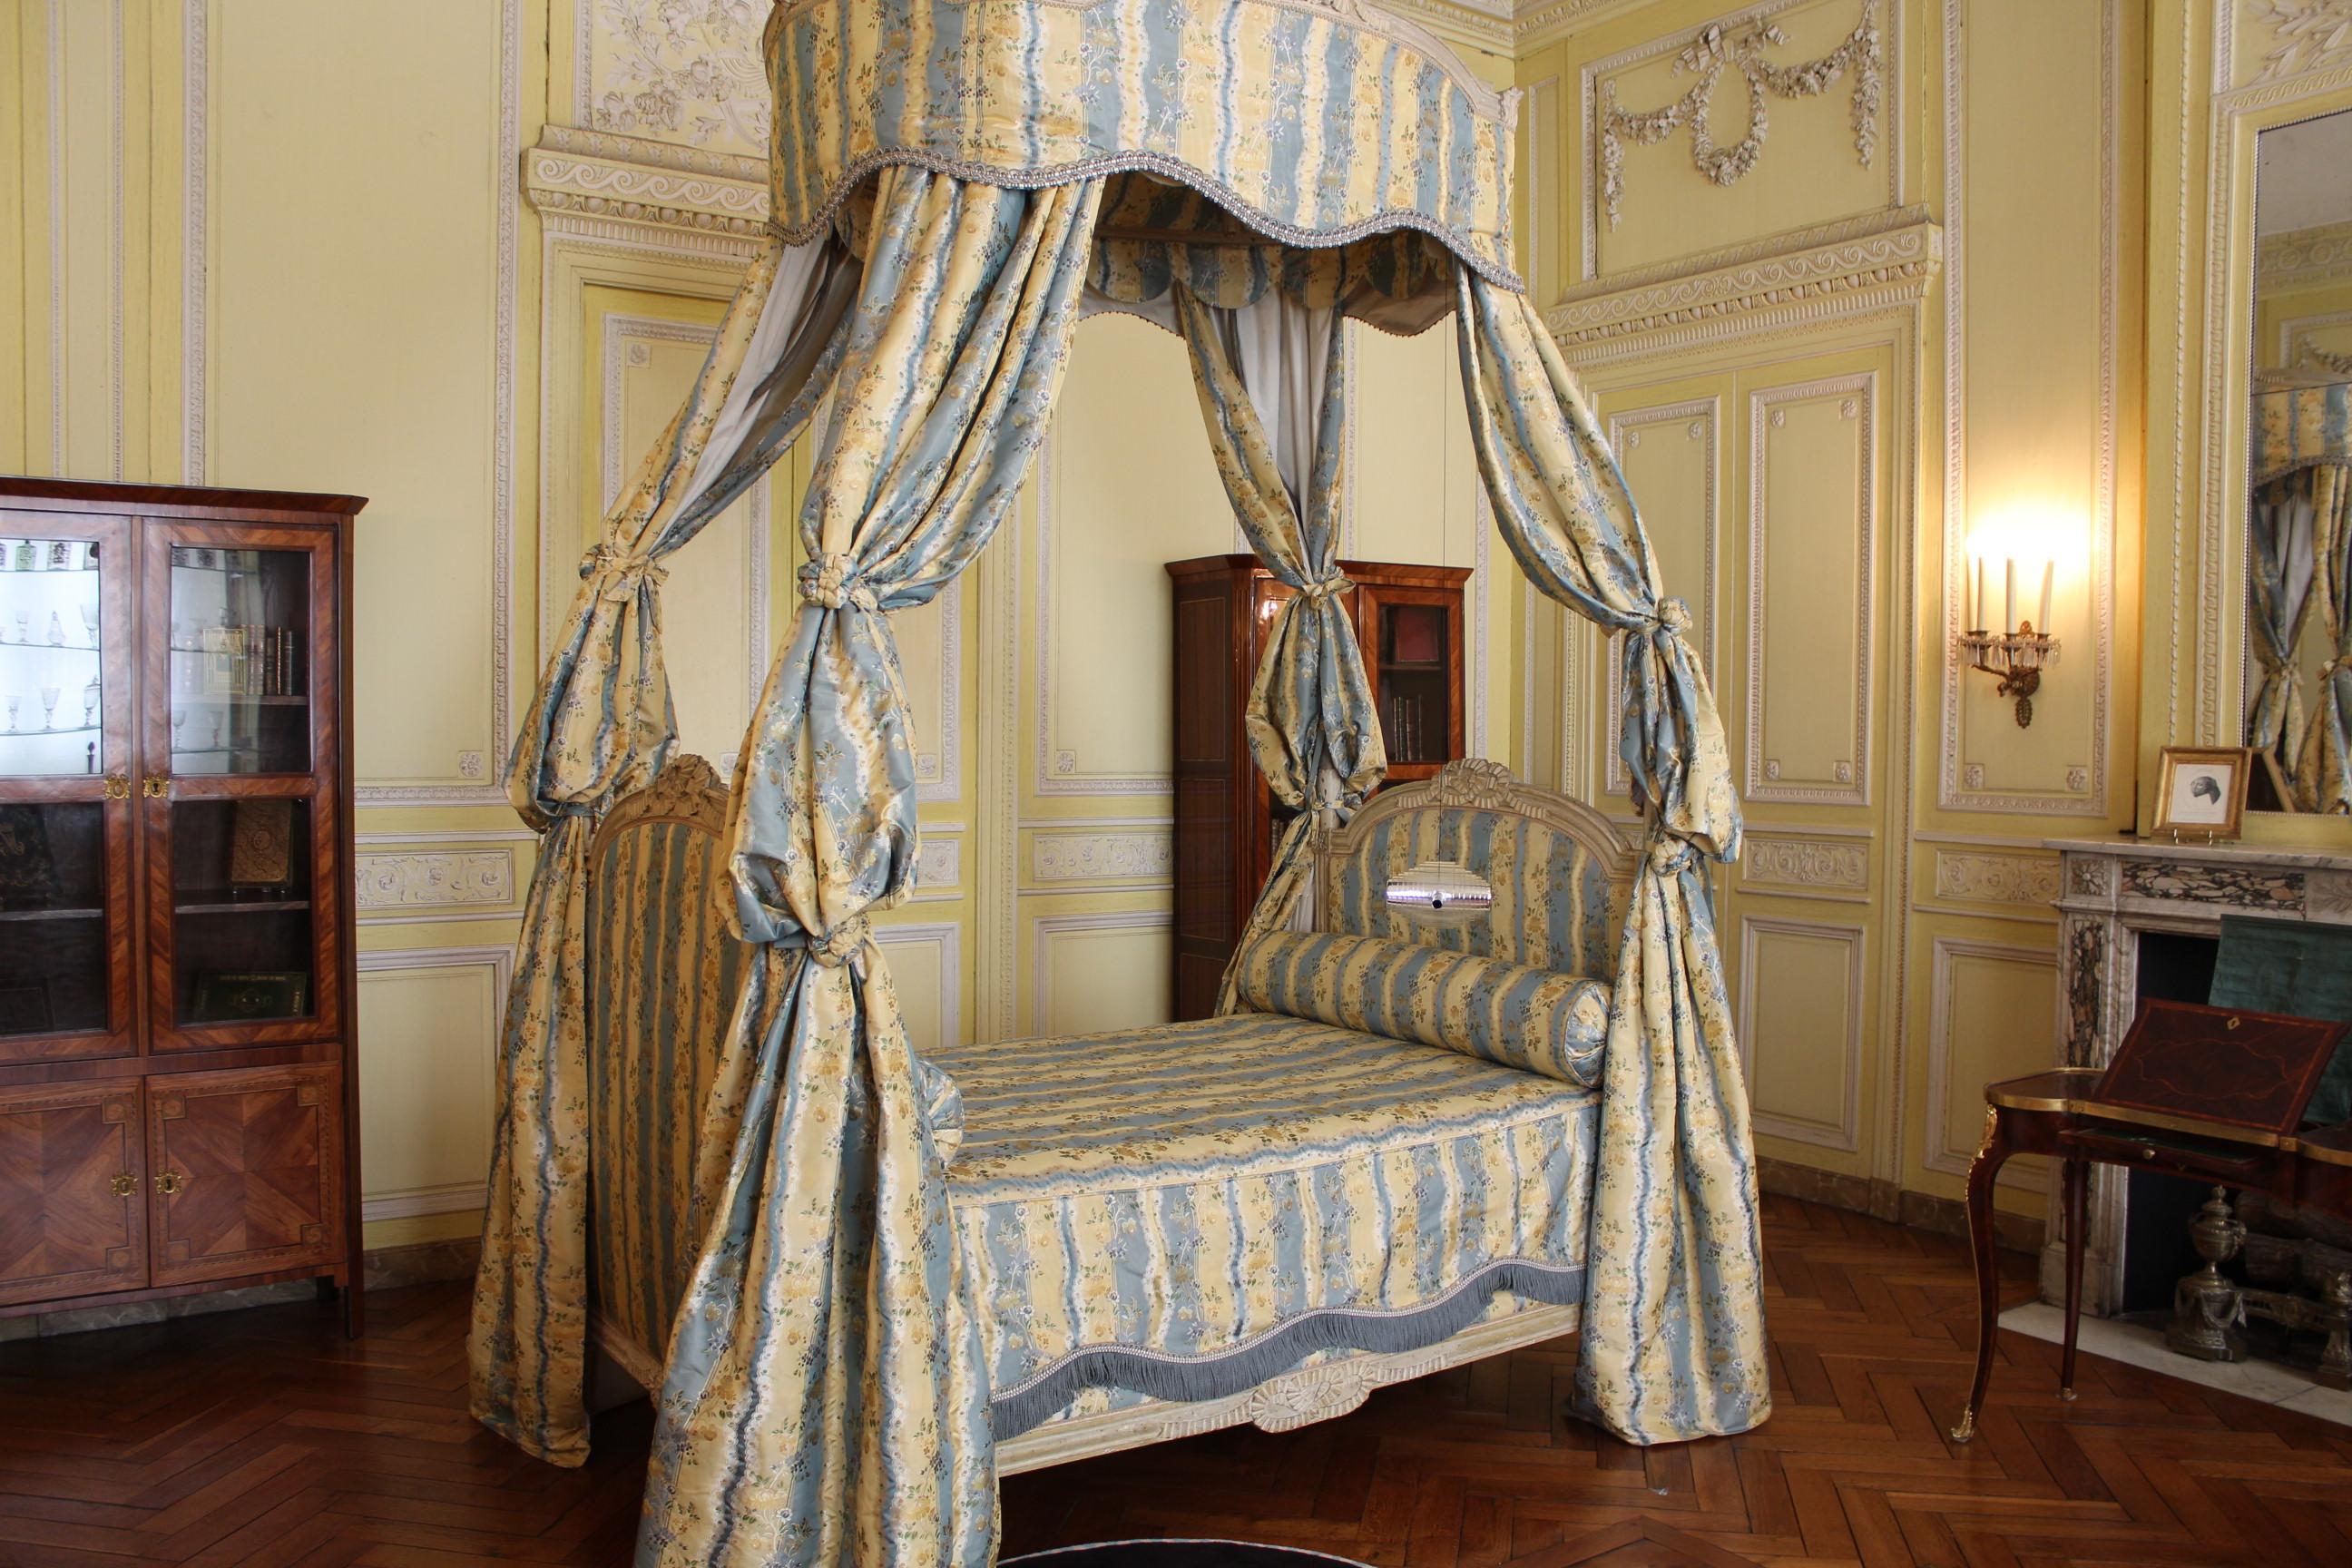 le musée des arts décoratifs et du design de bordeaux : découverte ... - Meuble Design Bordeaux